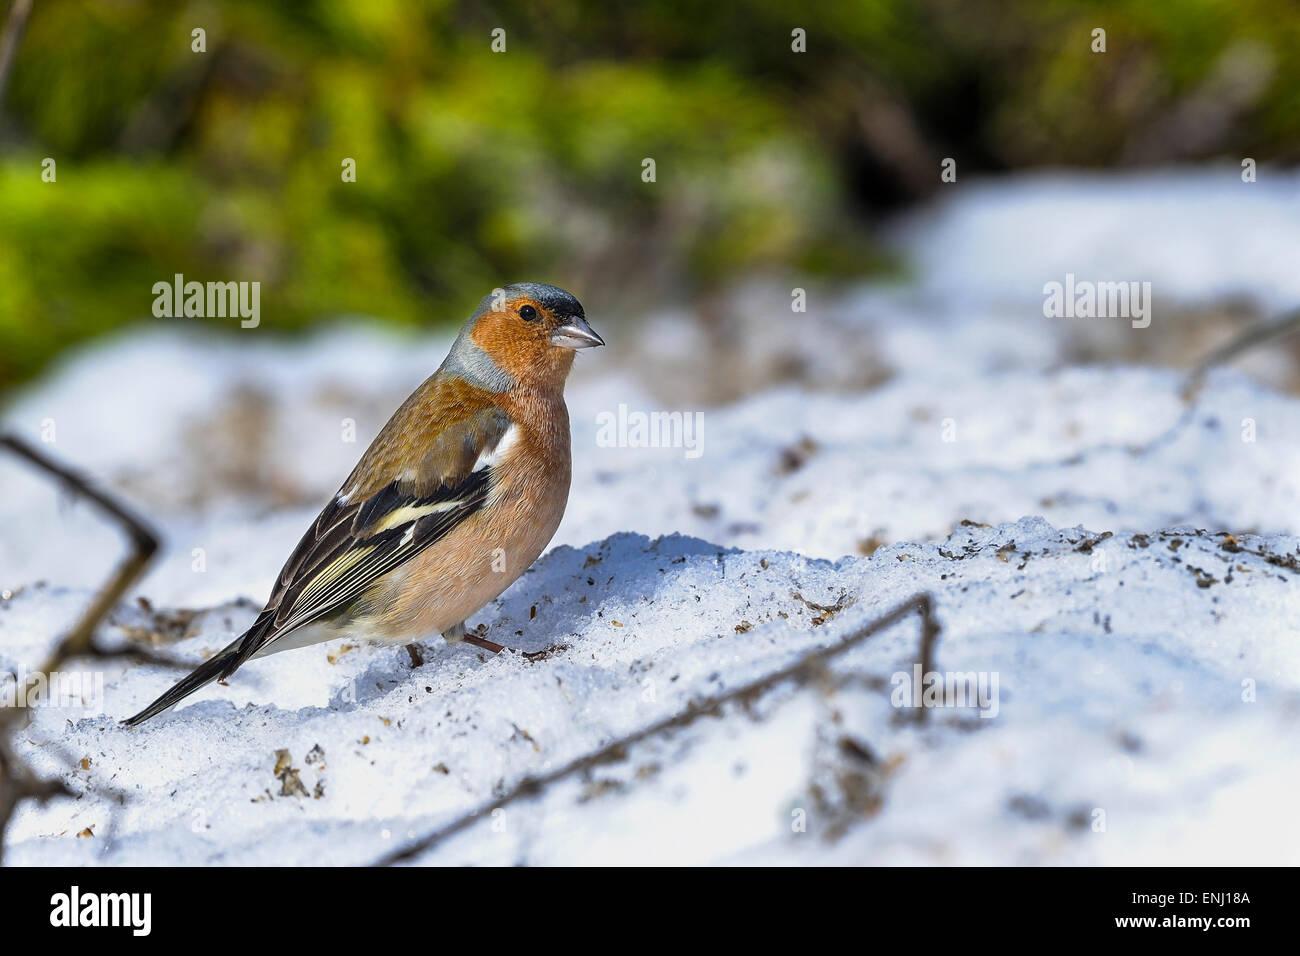 chaffinch, fringilla coelebs - Stock Image